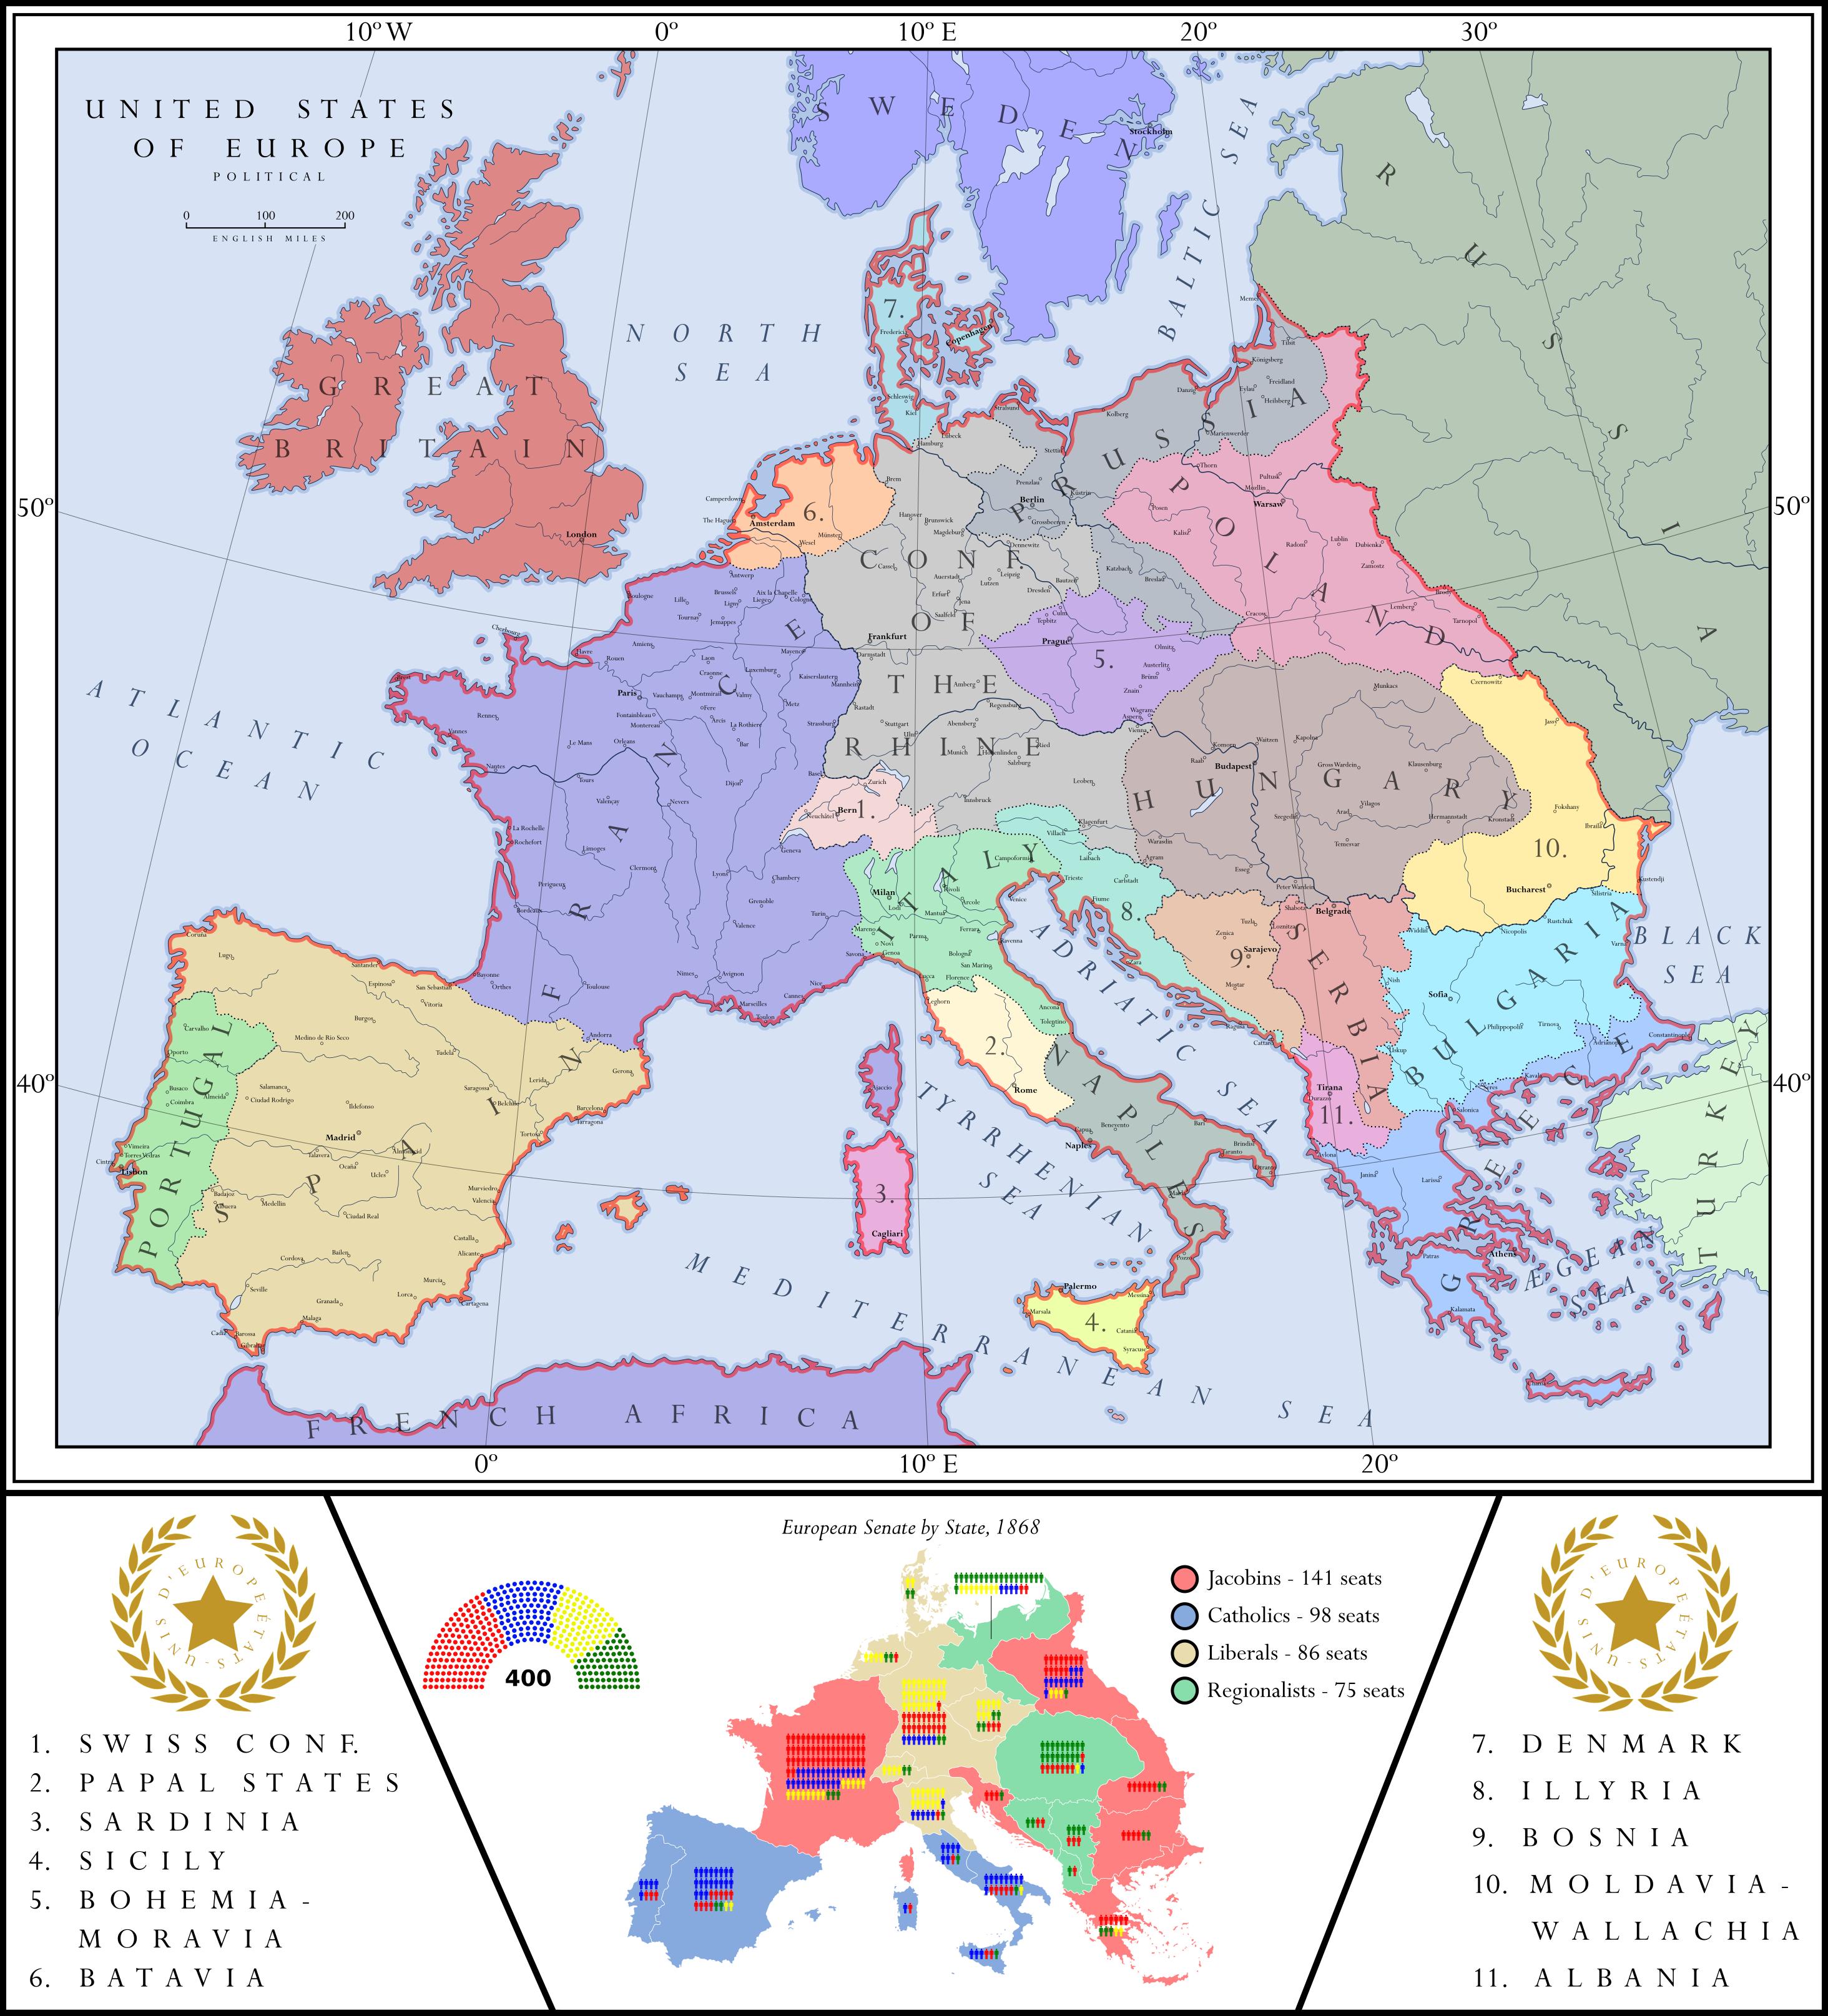 United States of Europe by ZekSora on DeviantArt